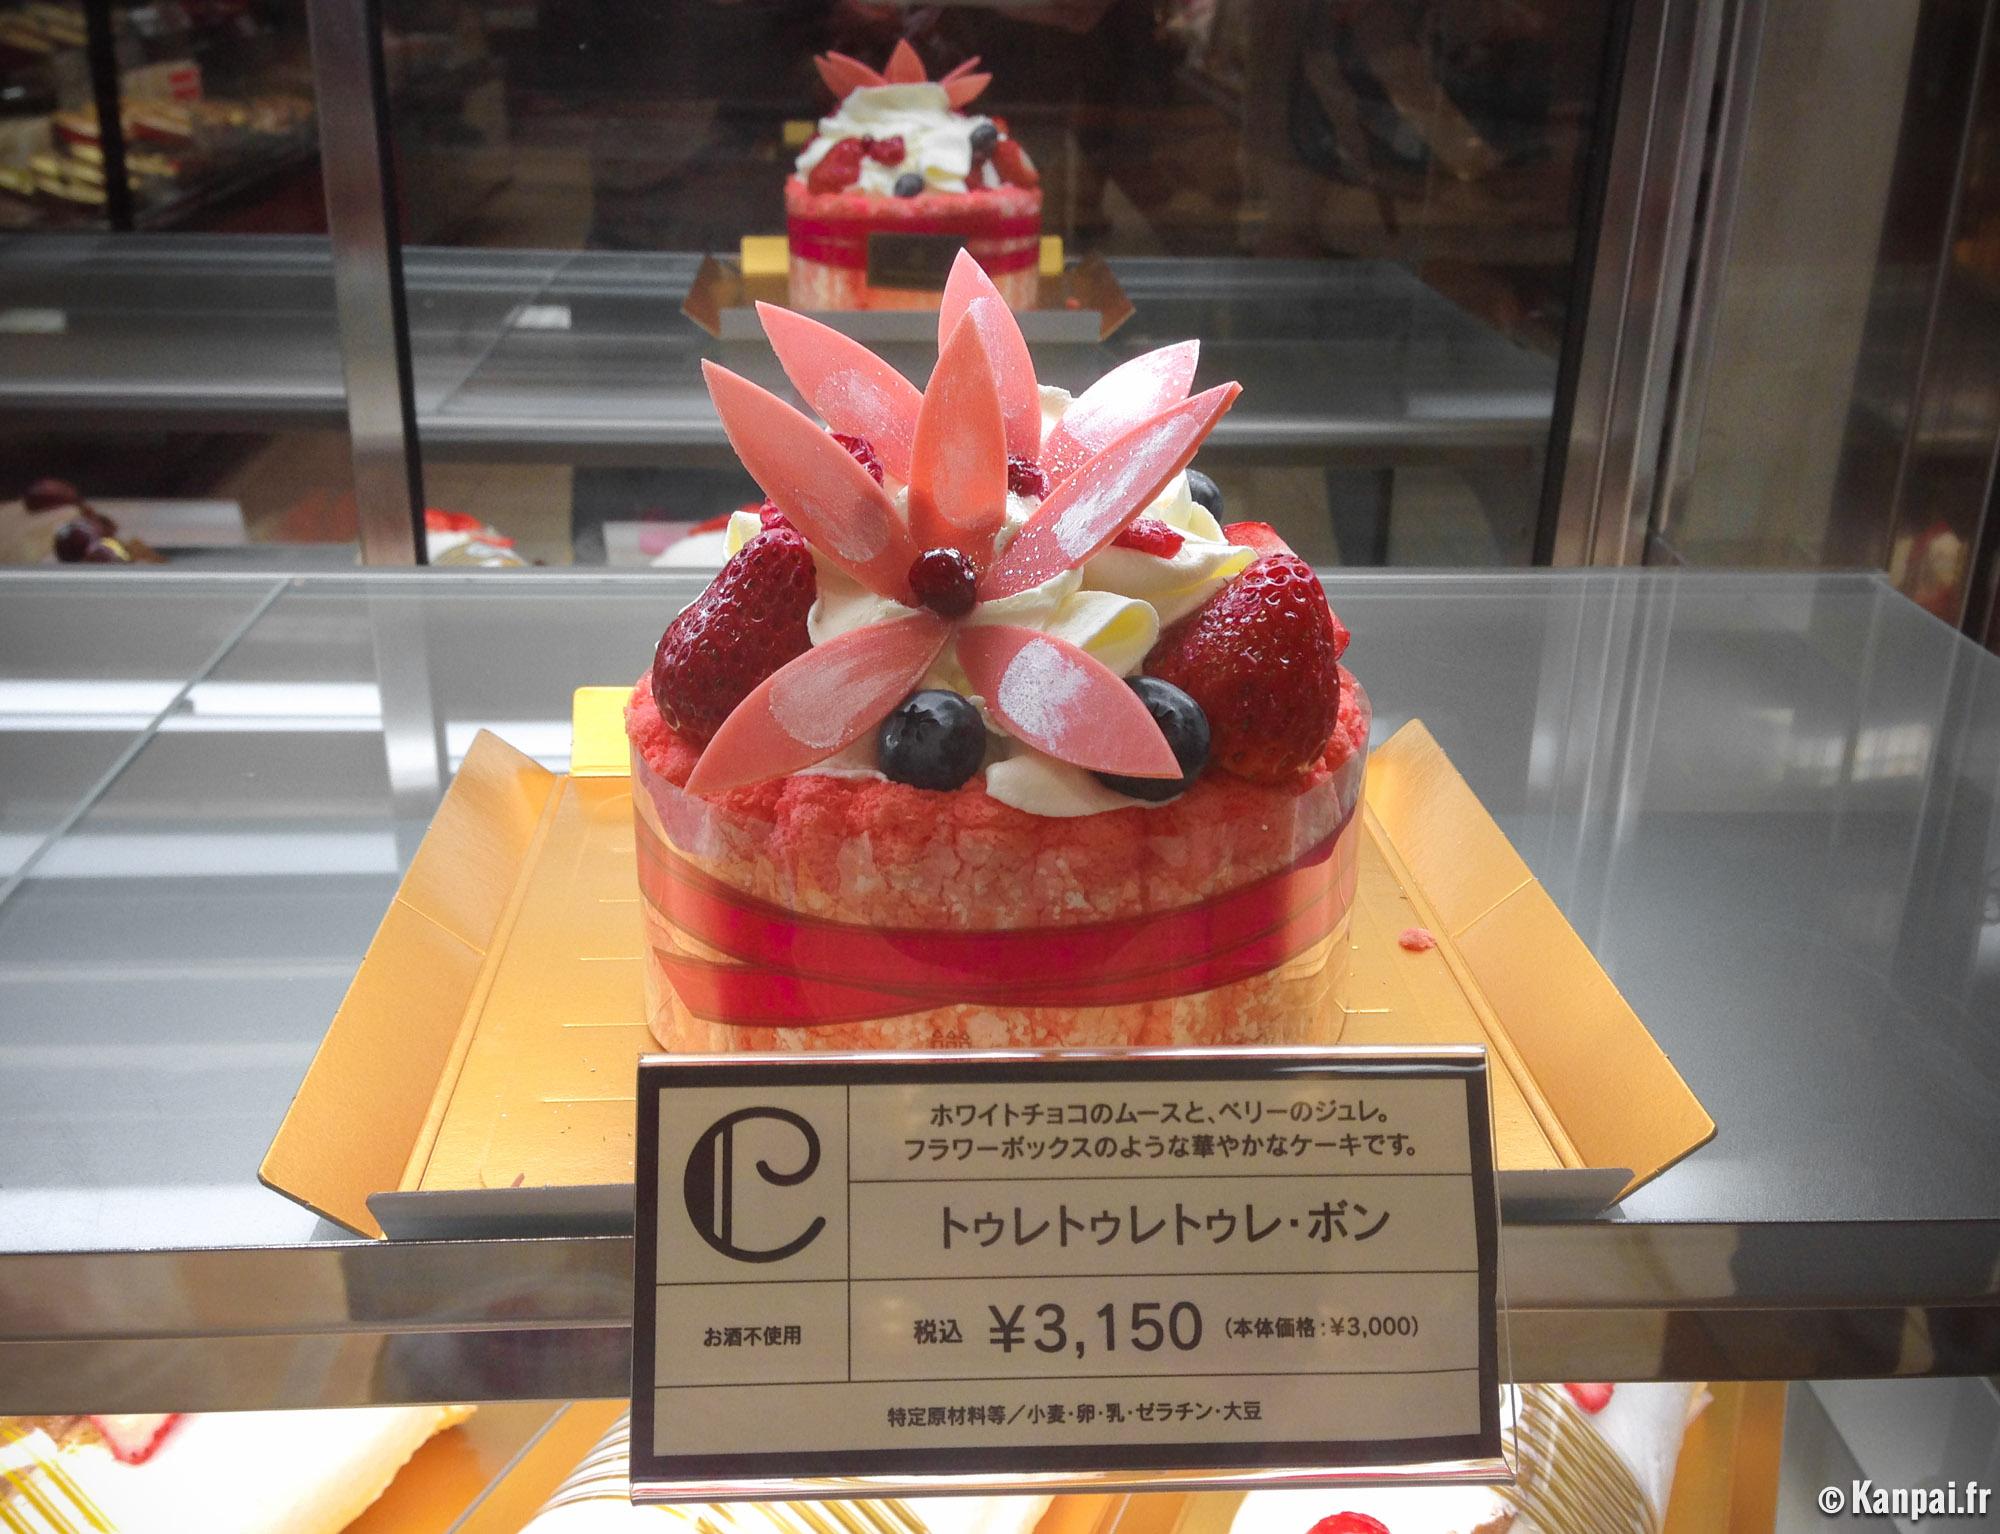 Les g teaux japonais kawaii et malins - Bonne appetit en japonais ...